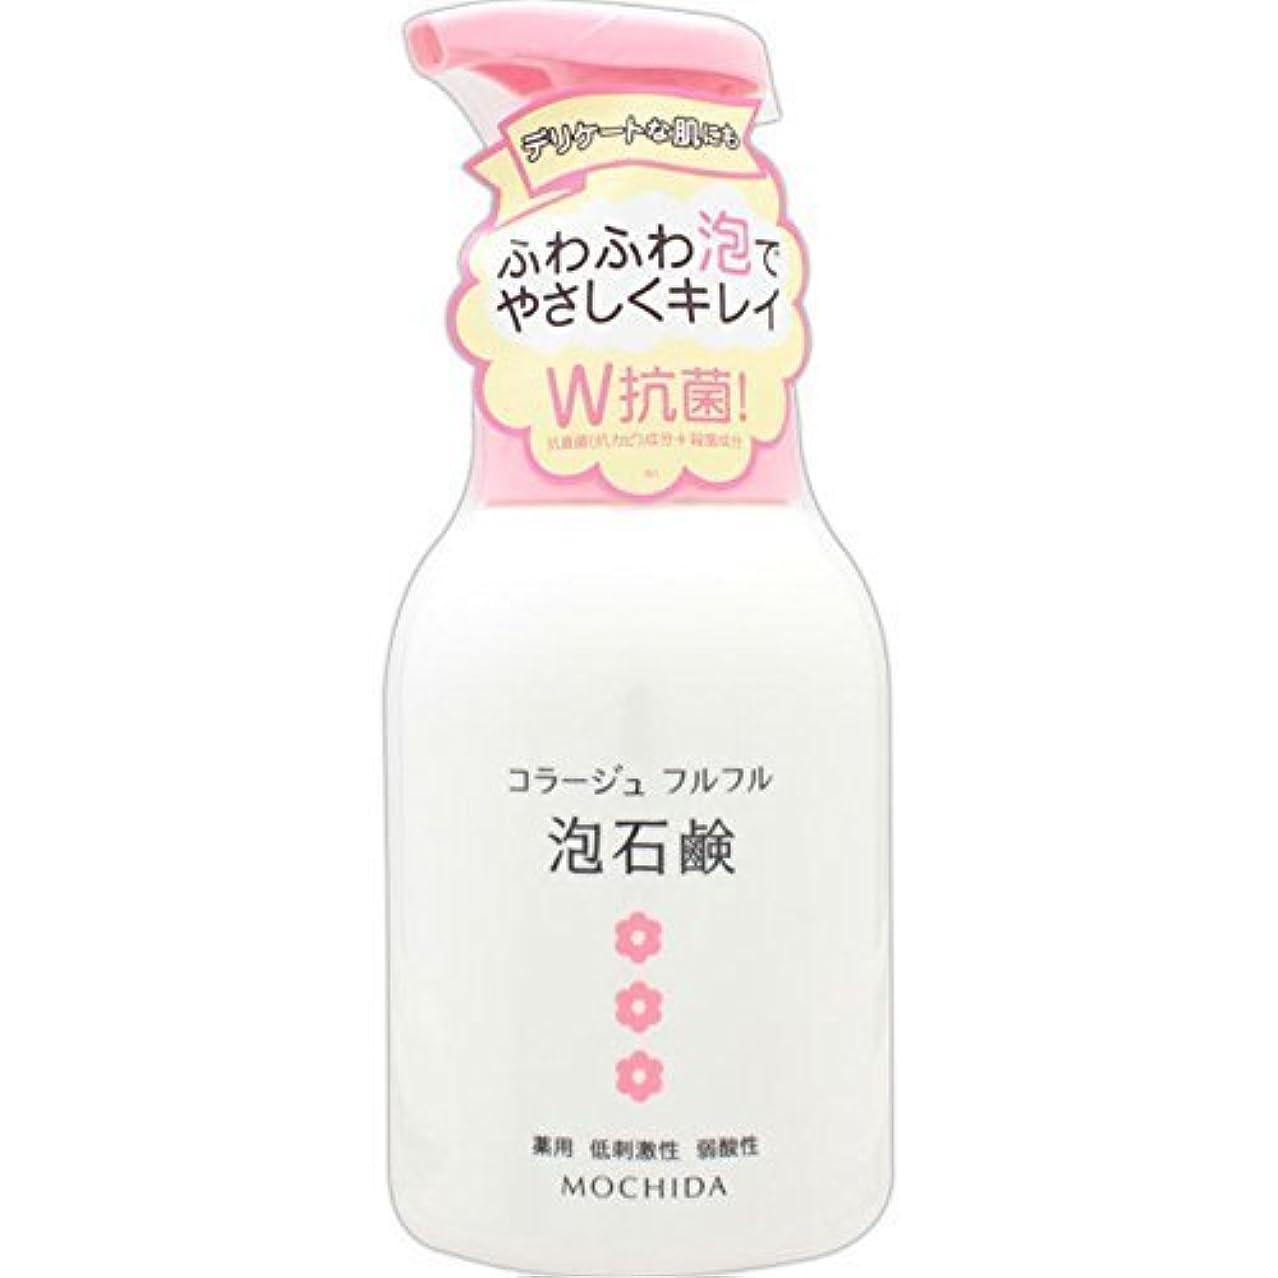 クラッシュ魅惑的な指紋コラージュフルフル 泡石鹸 ピンク 300m L (医薬部外品) ×10